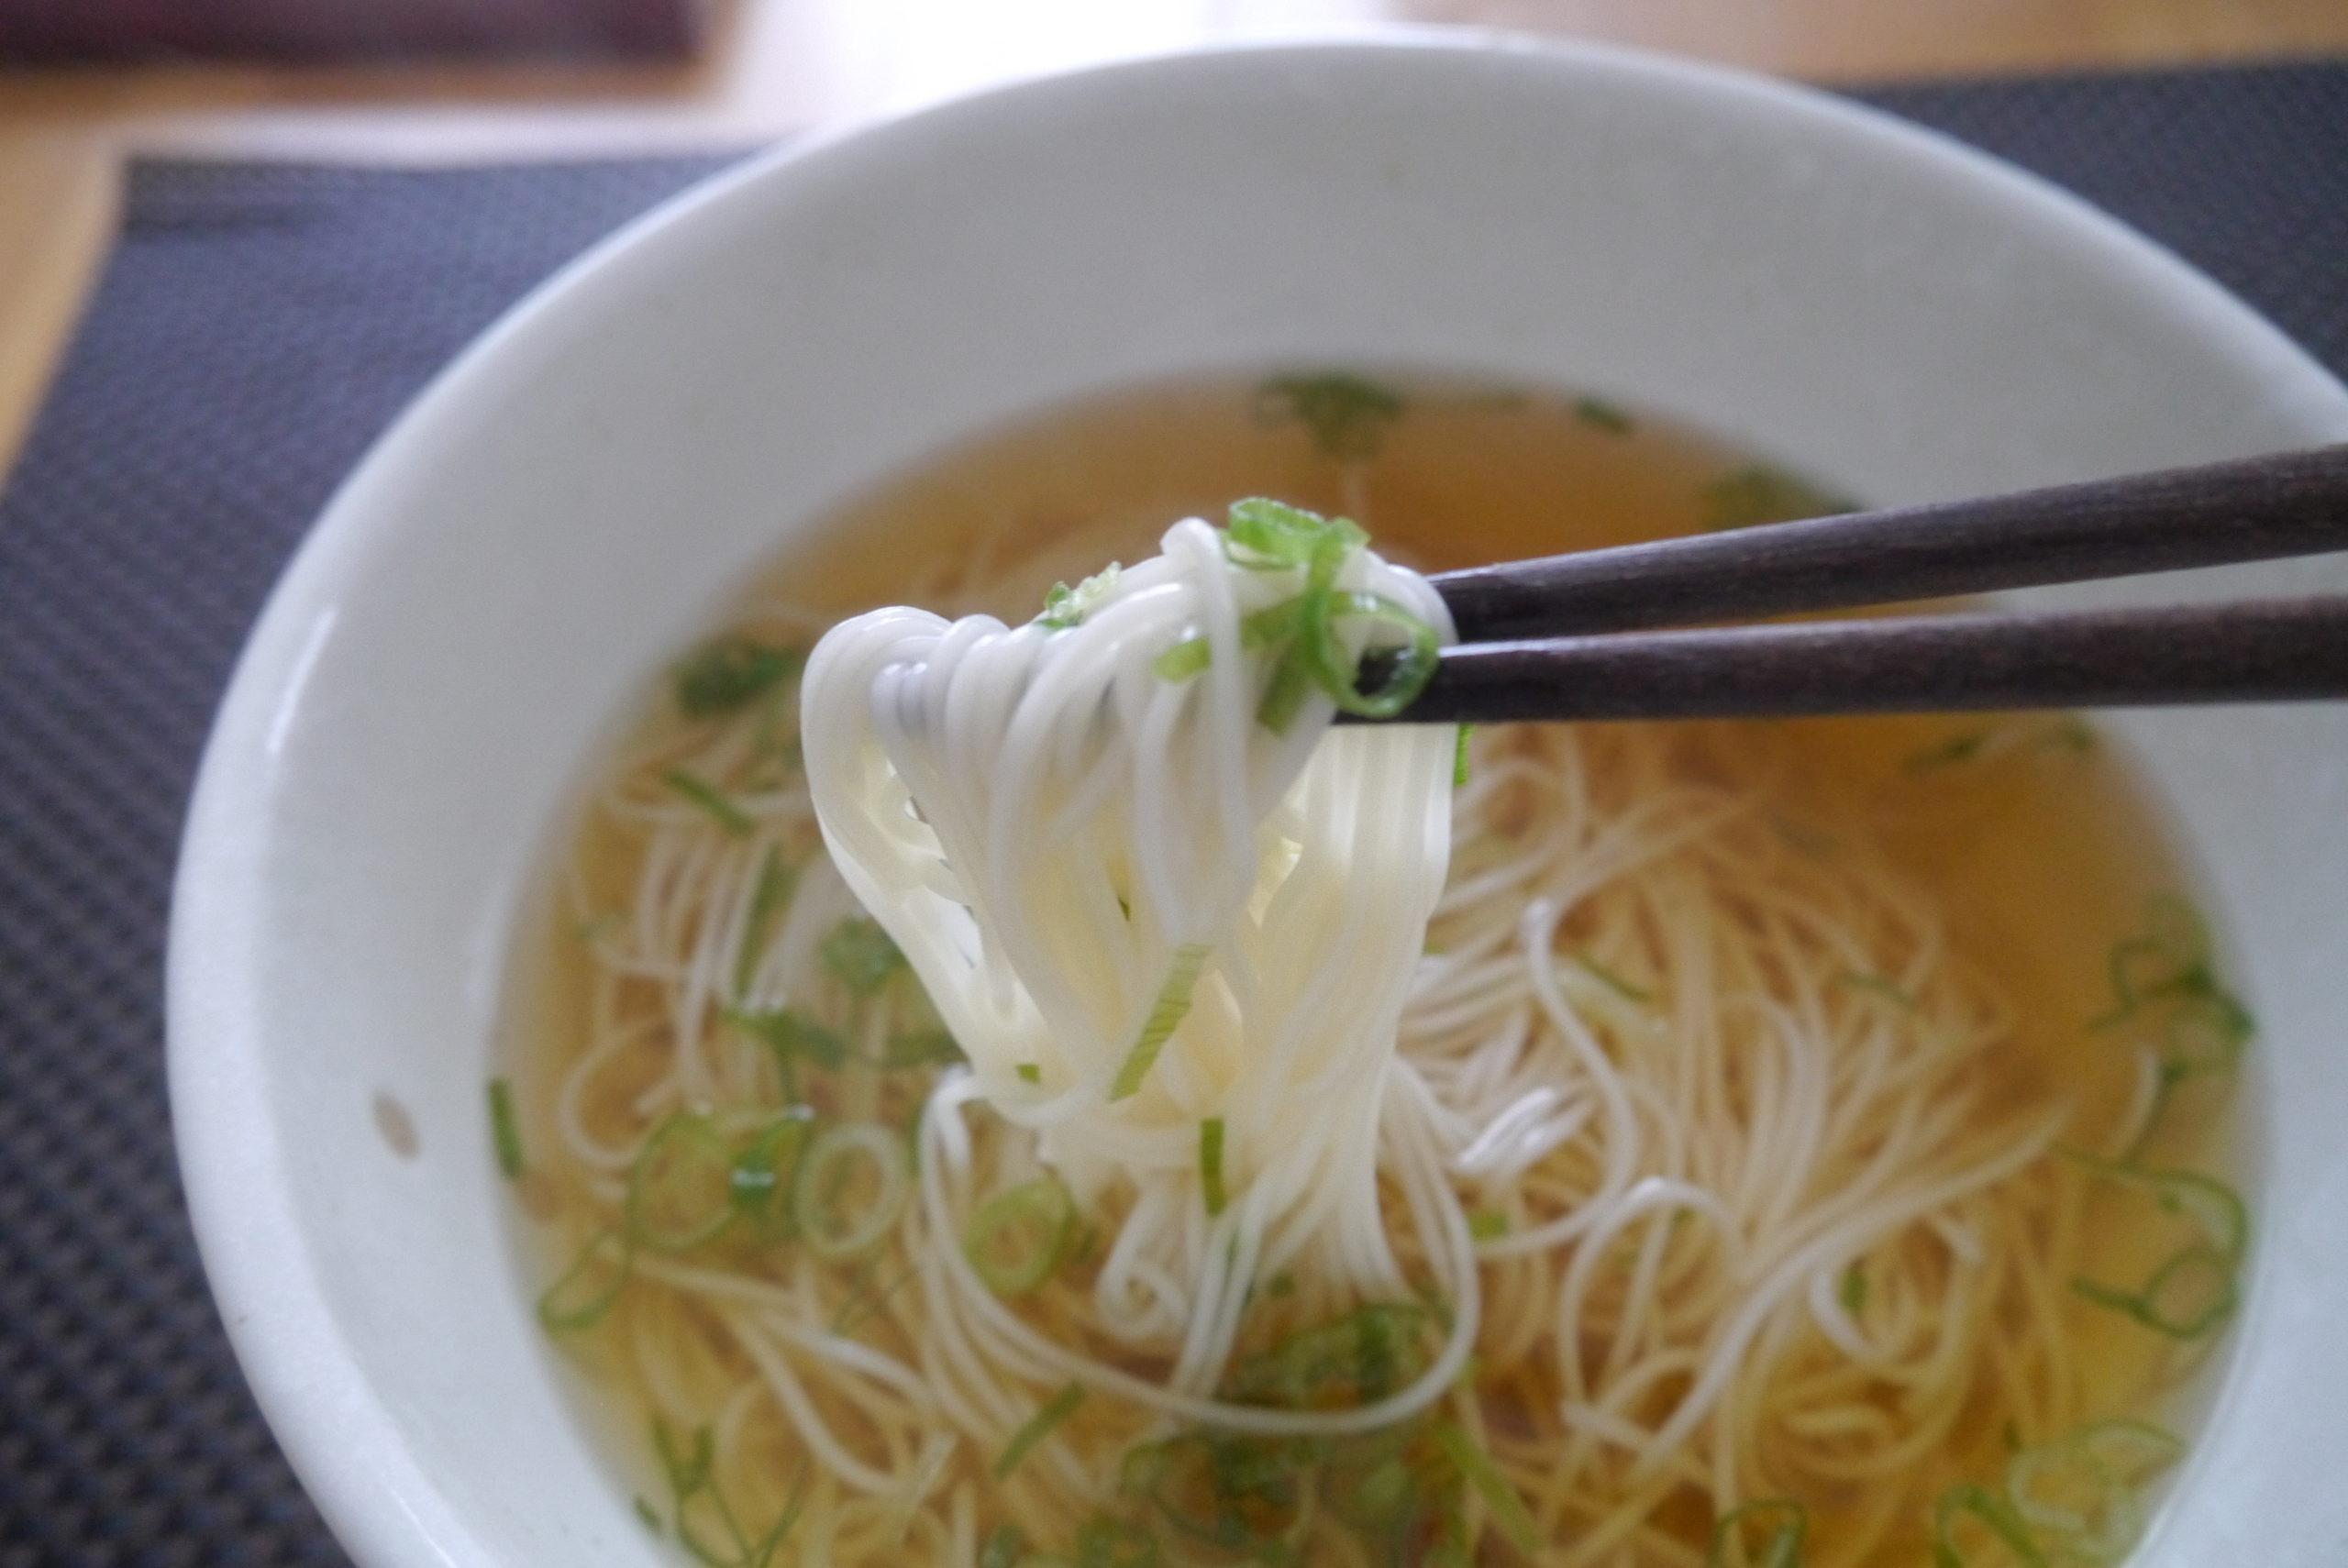 食欲がない時にピッタリ!美川手延べそうめんの「あごだしスープで食べる美川にゅうめん」を食べてみたよ!